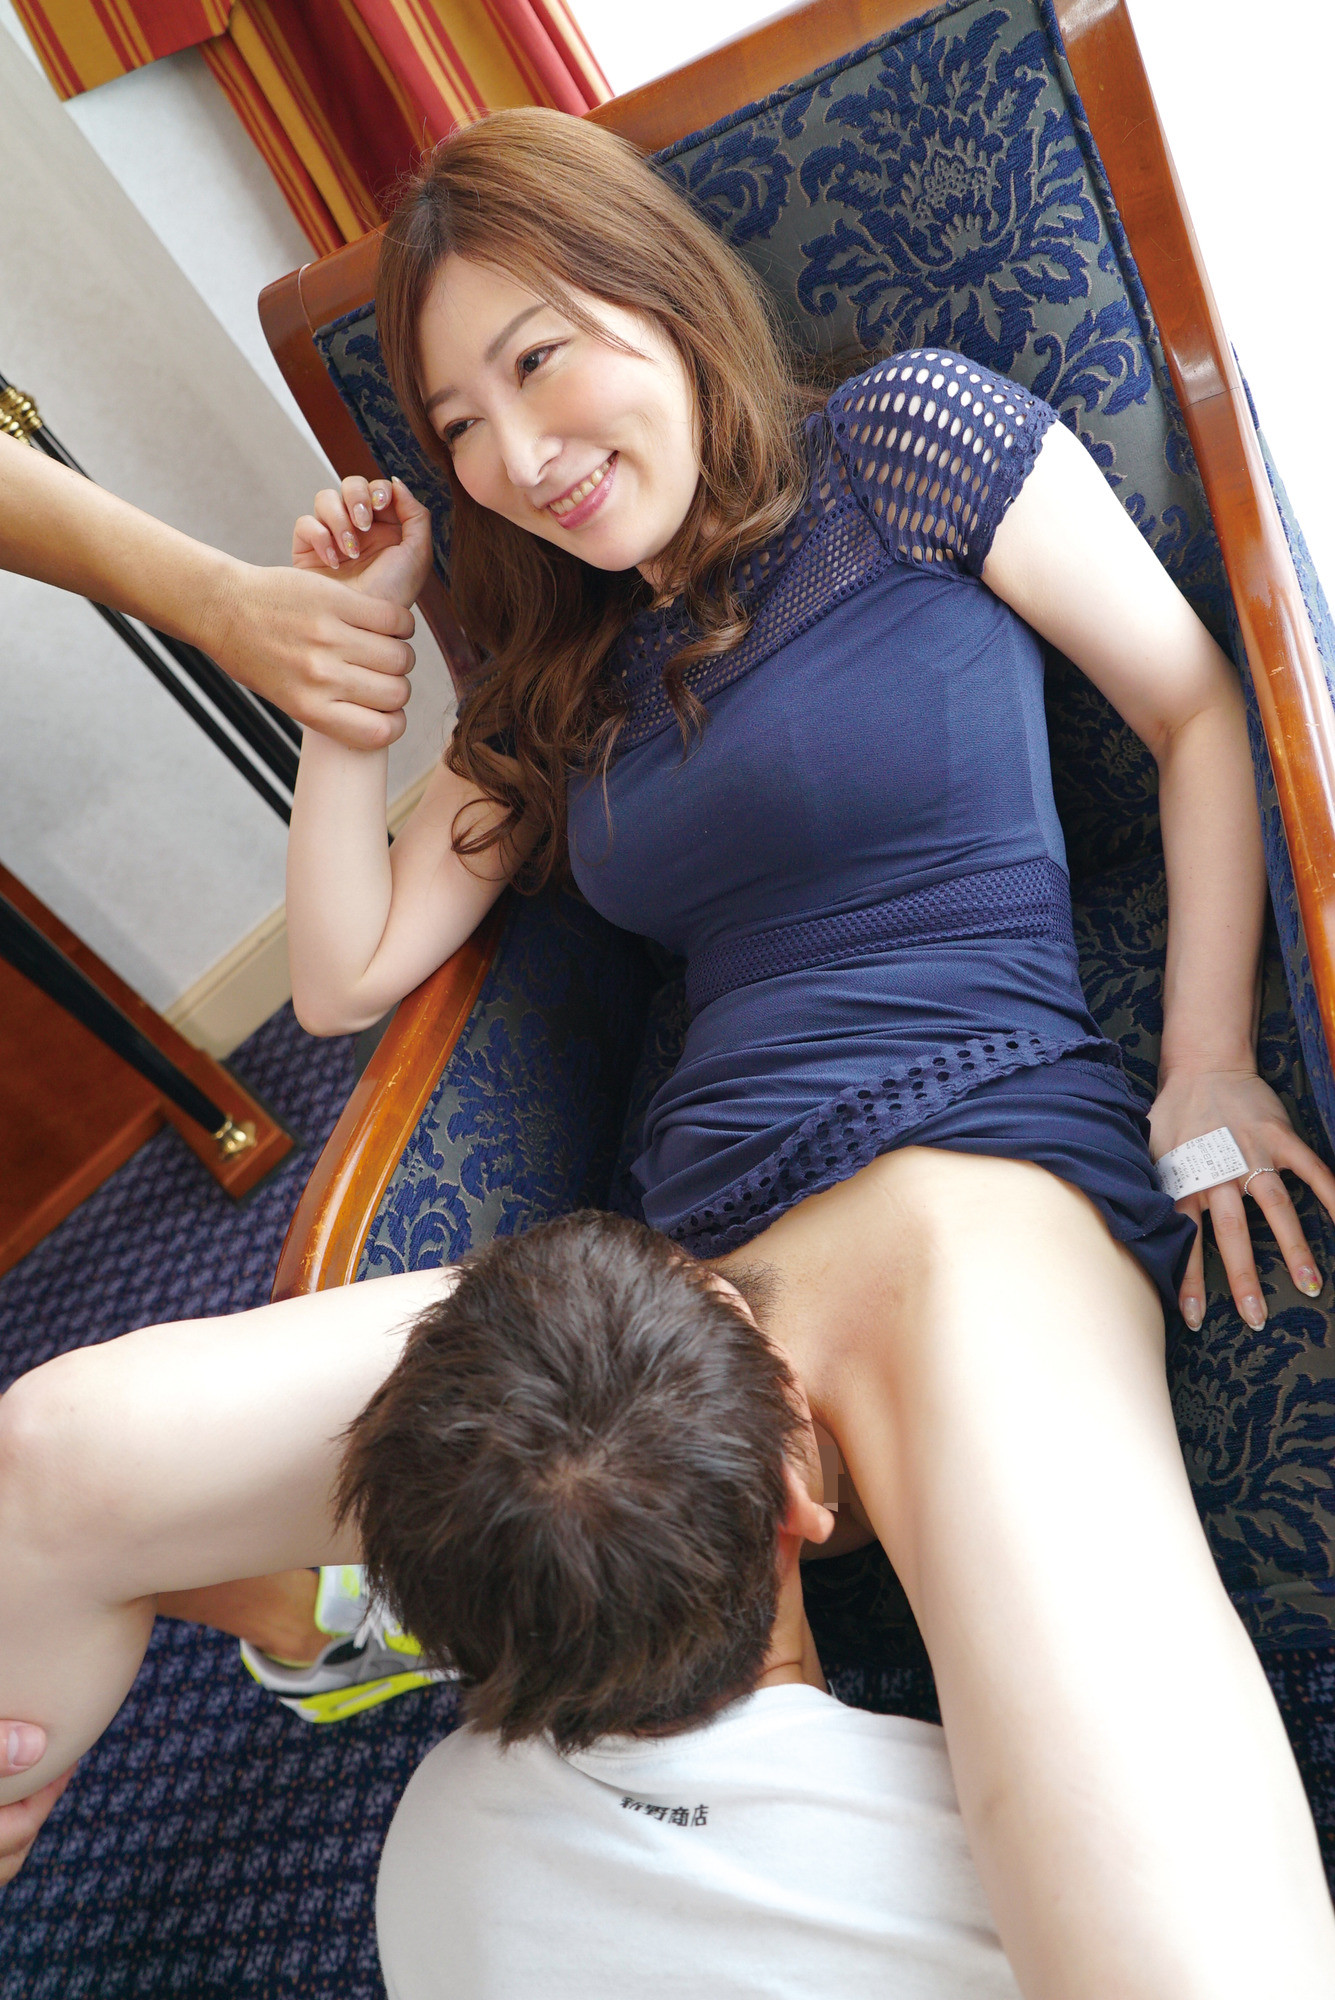 美魔女ナンパ!!しみけんが唸らす!熟女の理性吹き飛ぶ生FUCK!恵比寿編 ルミ40歳,のサンプル画像4